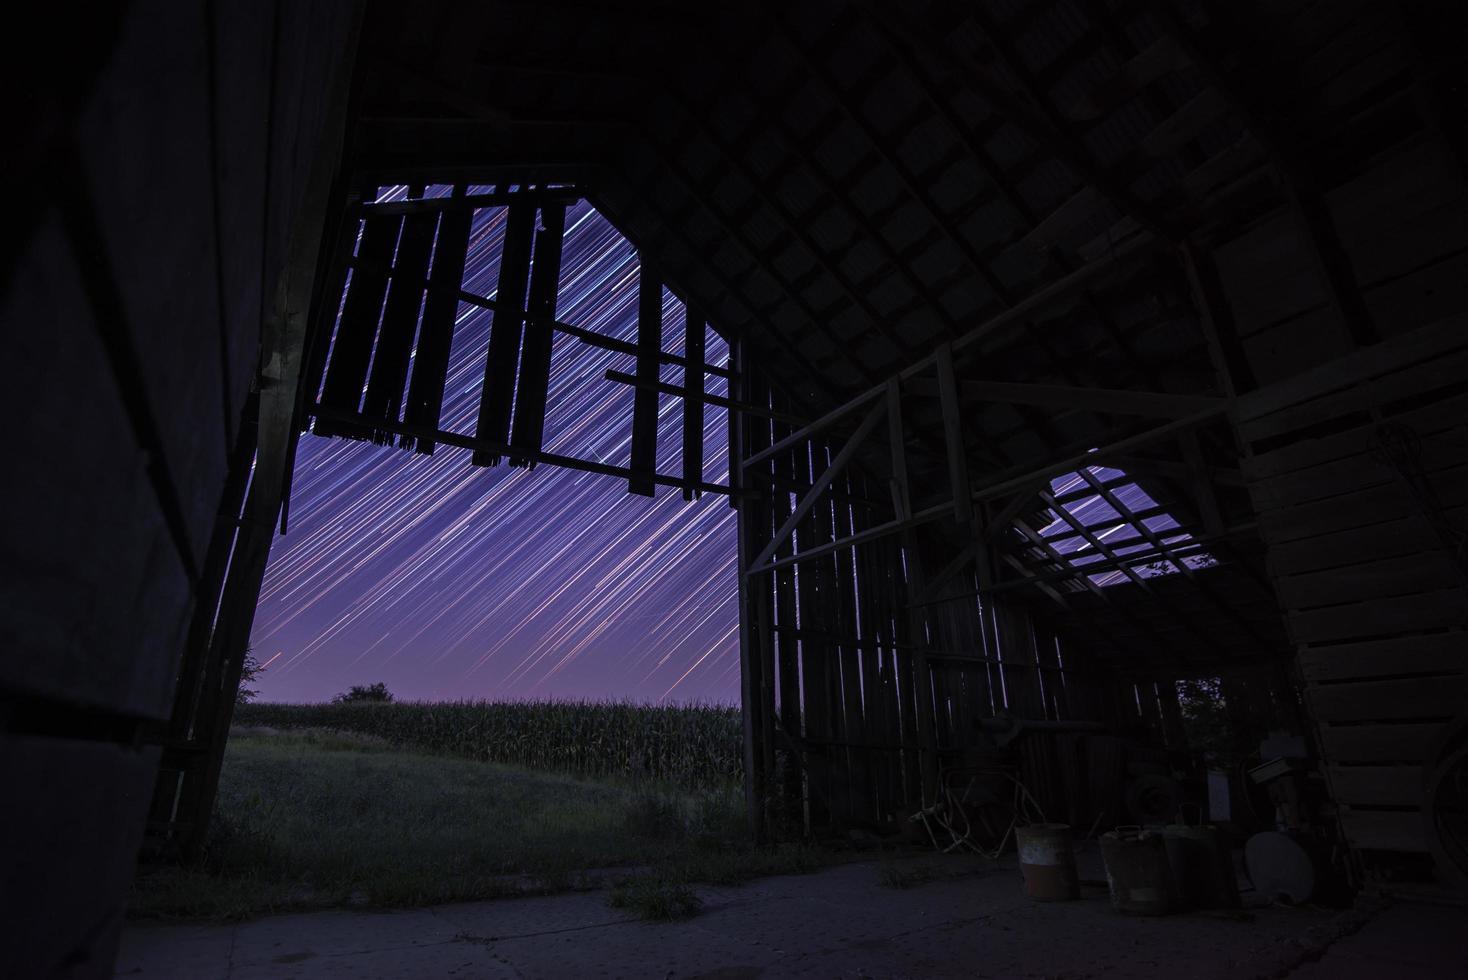 Star Trail dans une grange en bois la nuit photo